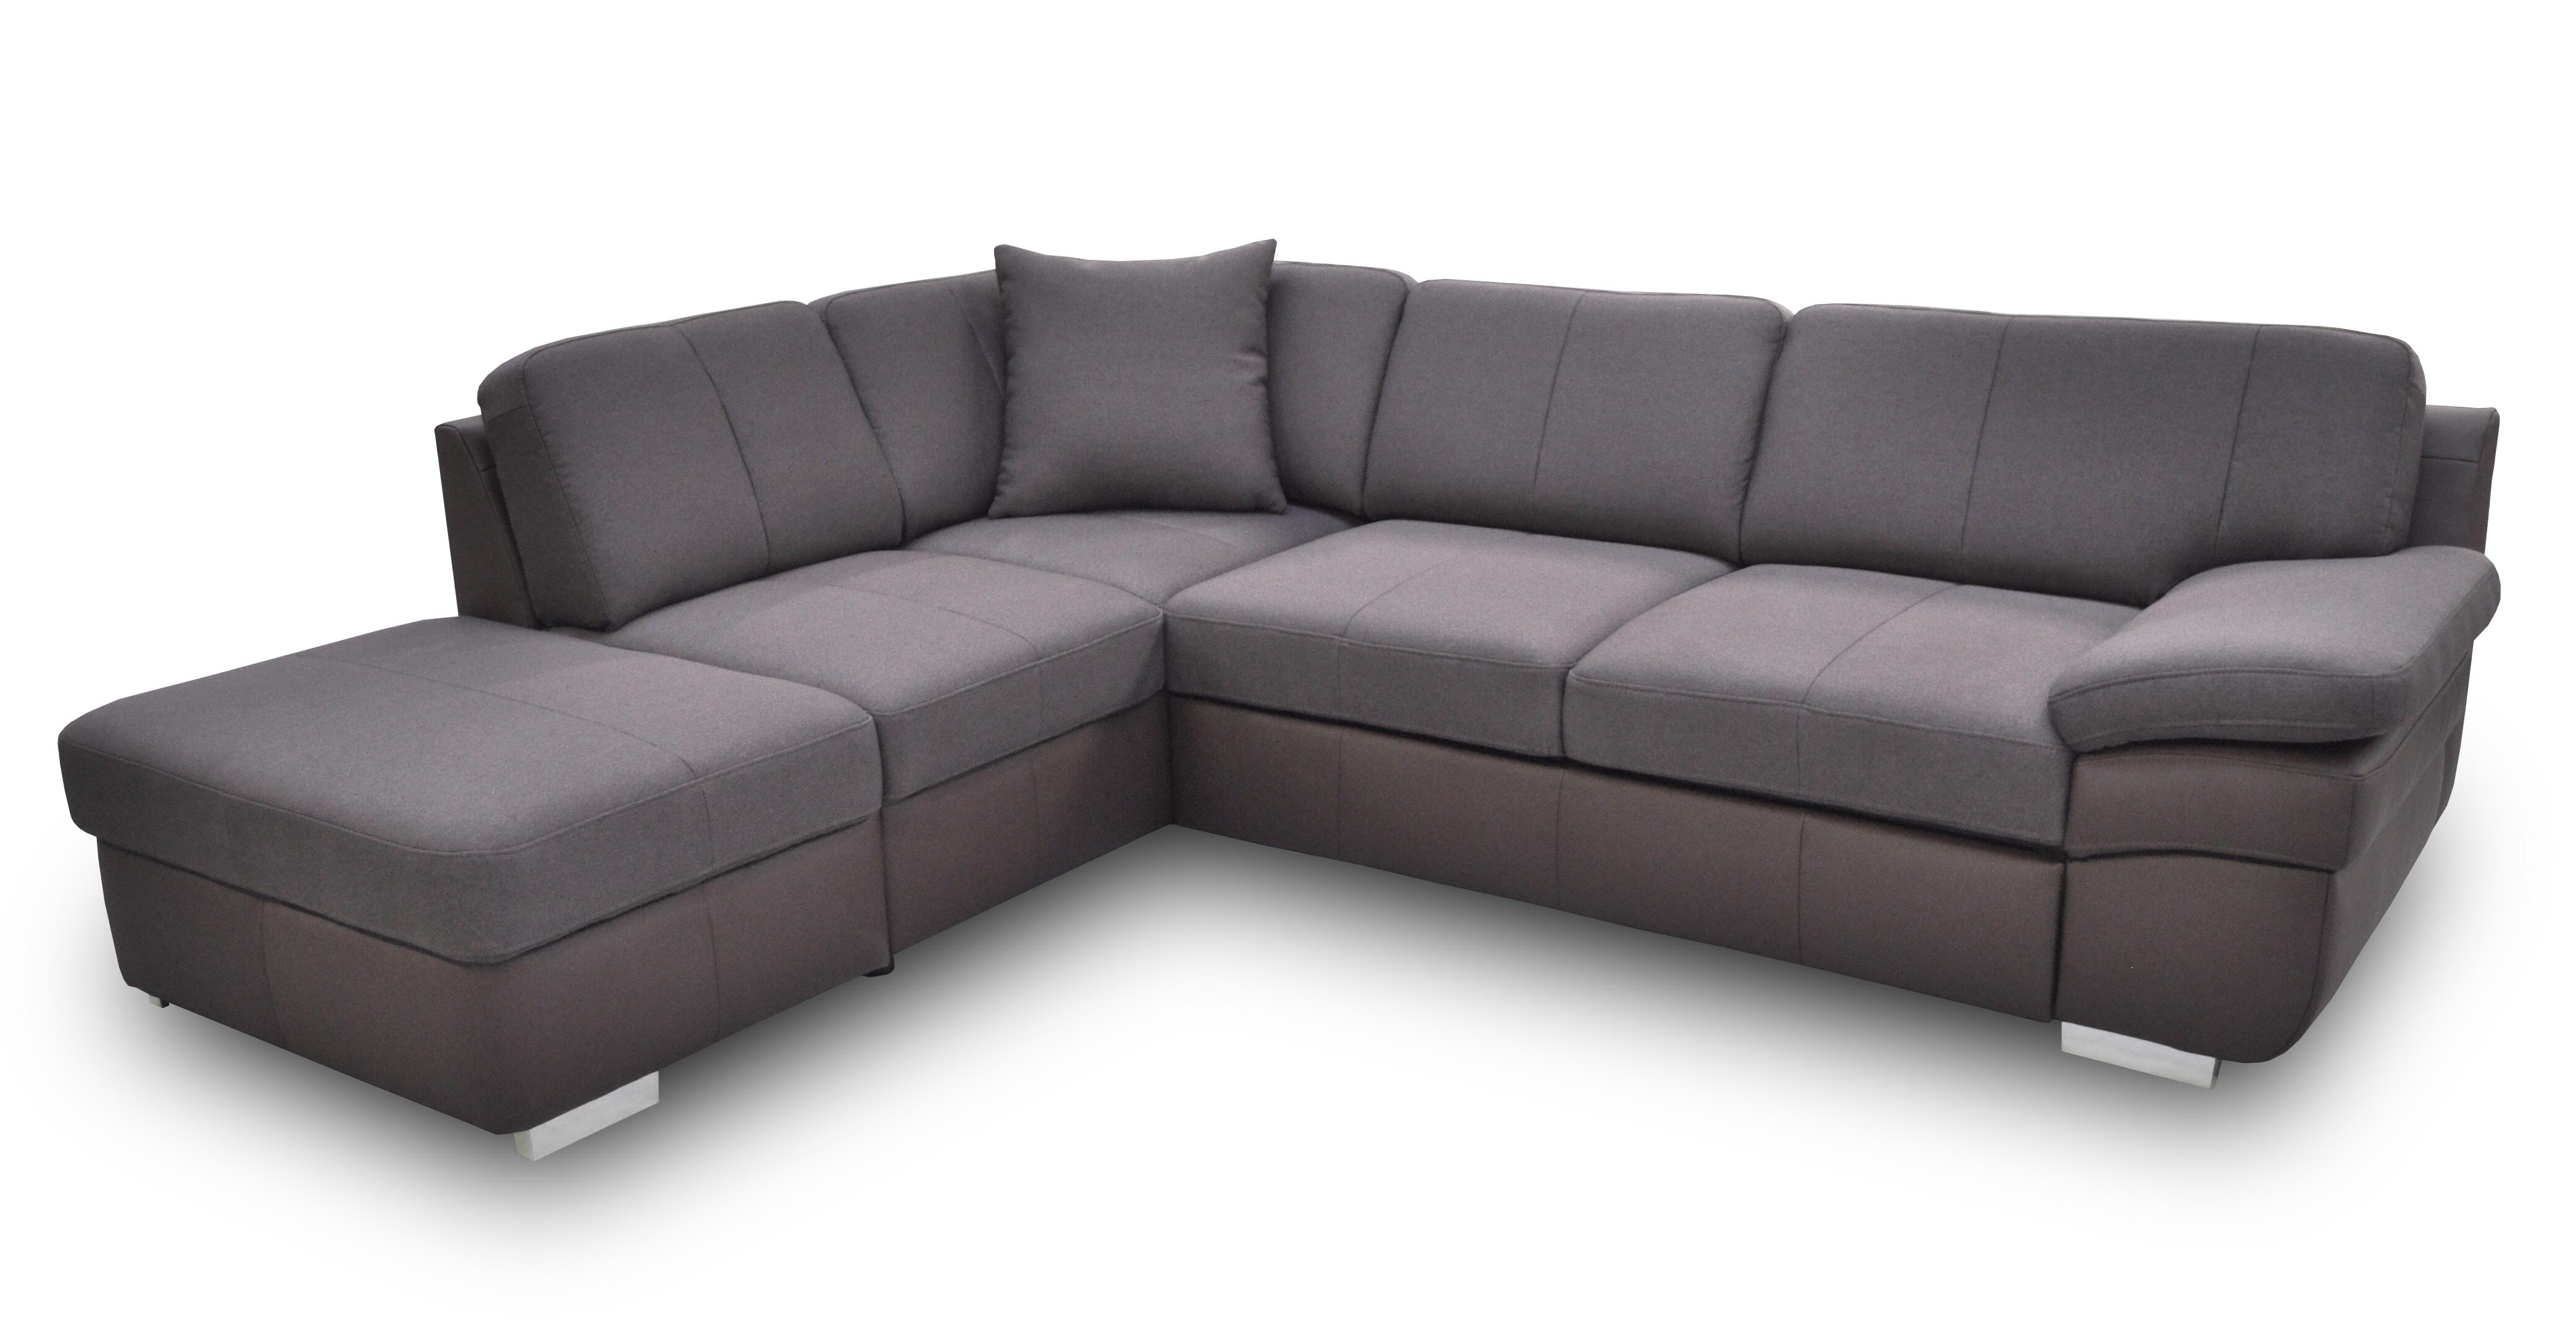 Rohová sedací souprava - BRW - Mon 1 (hnědá) (P)